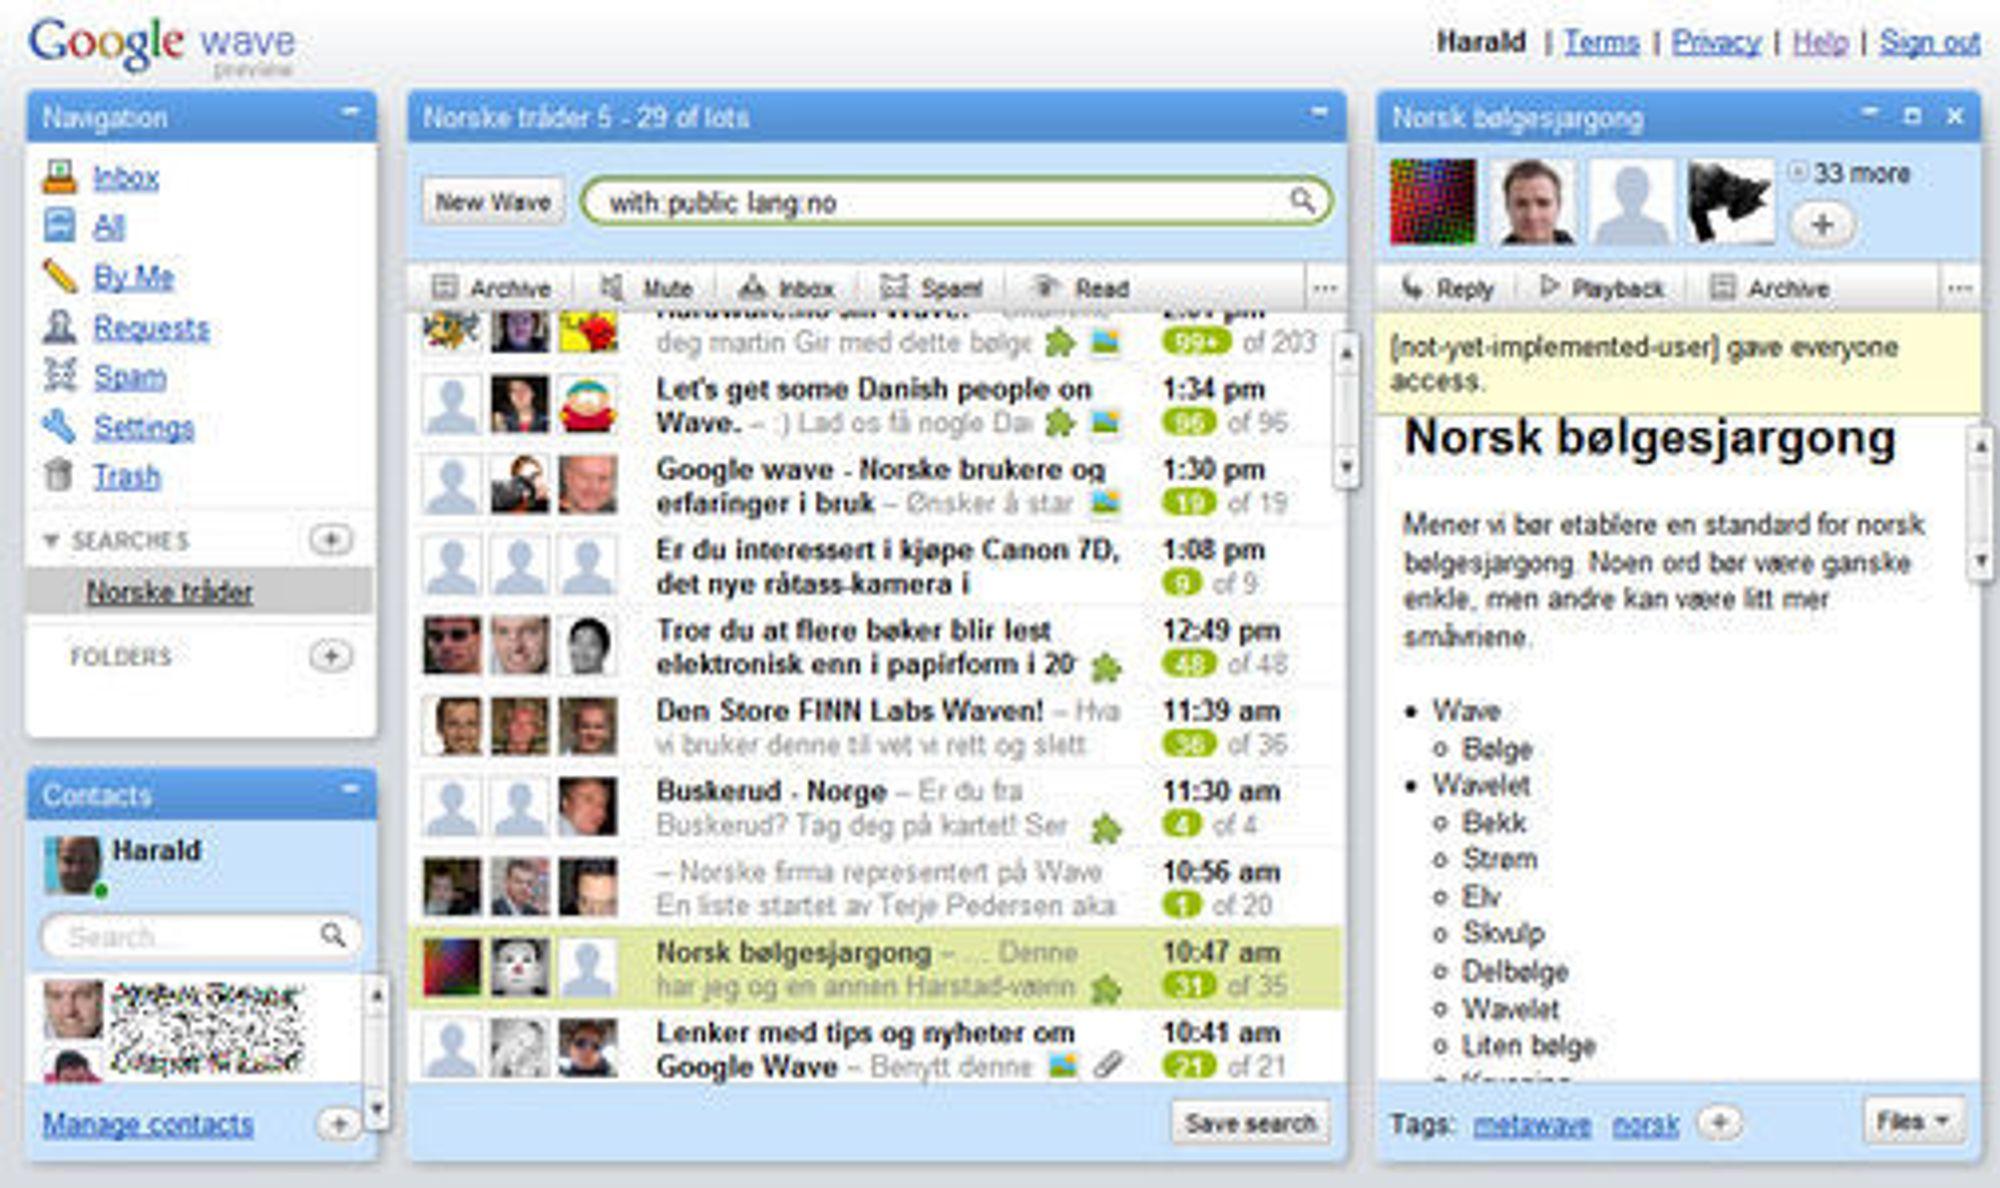 Det er allerede mye aktivitet blant de norske brukerne av Google Wave.